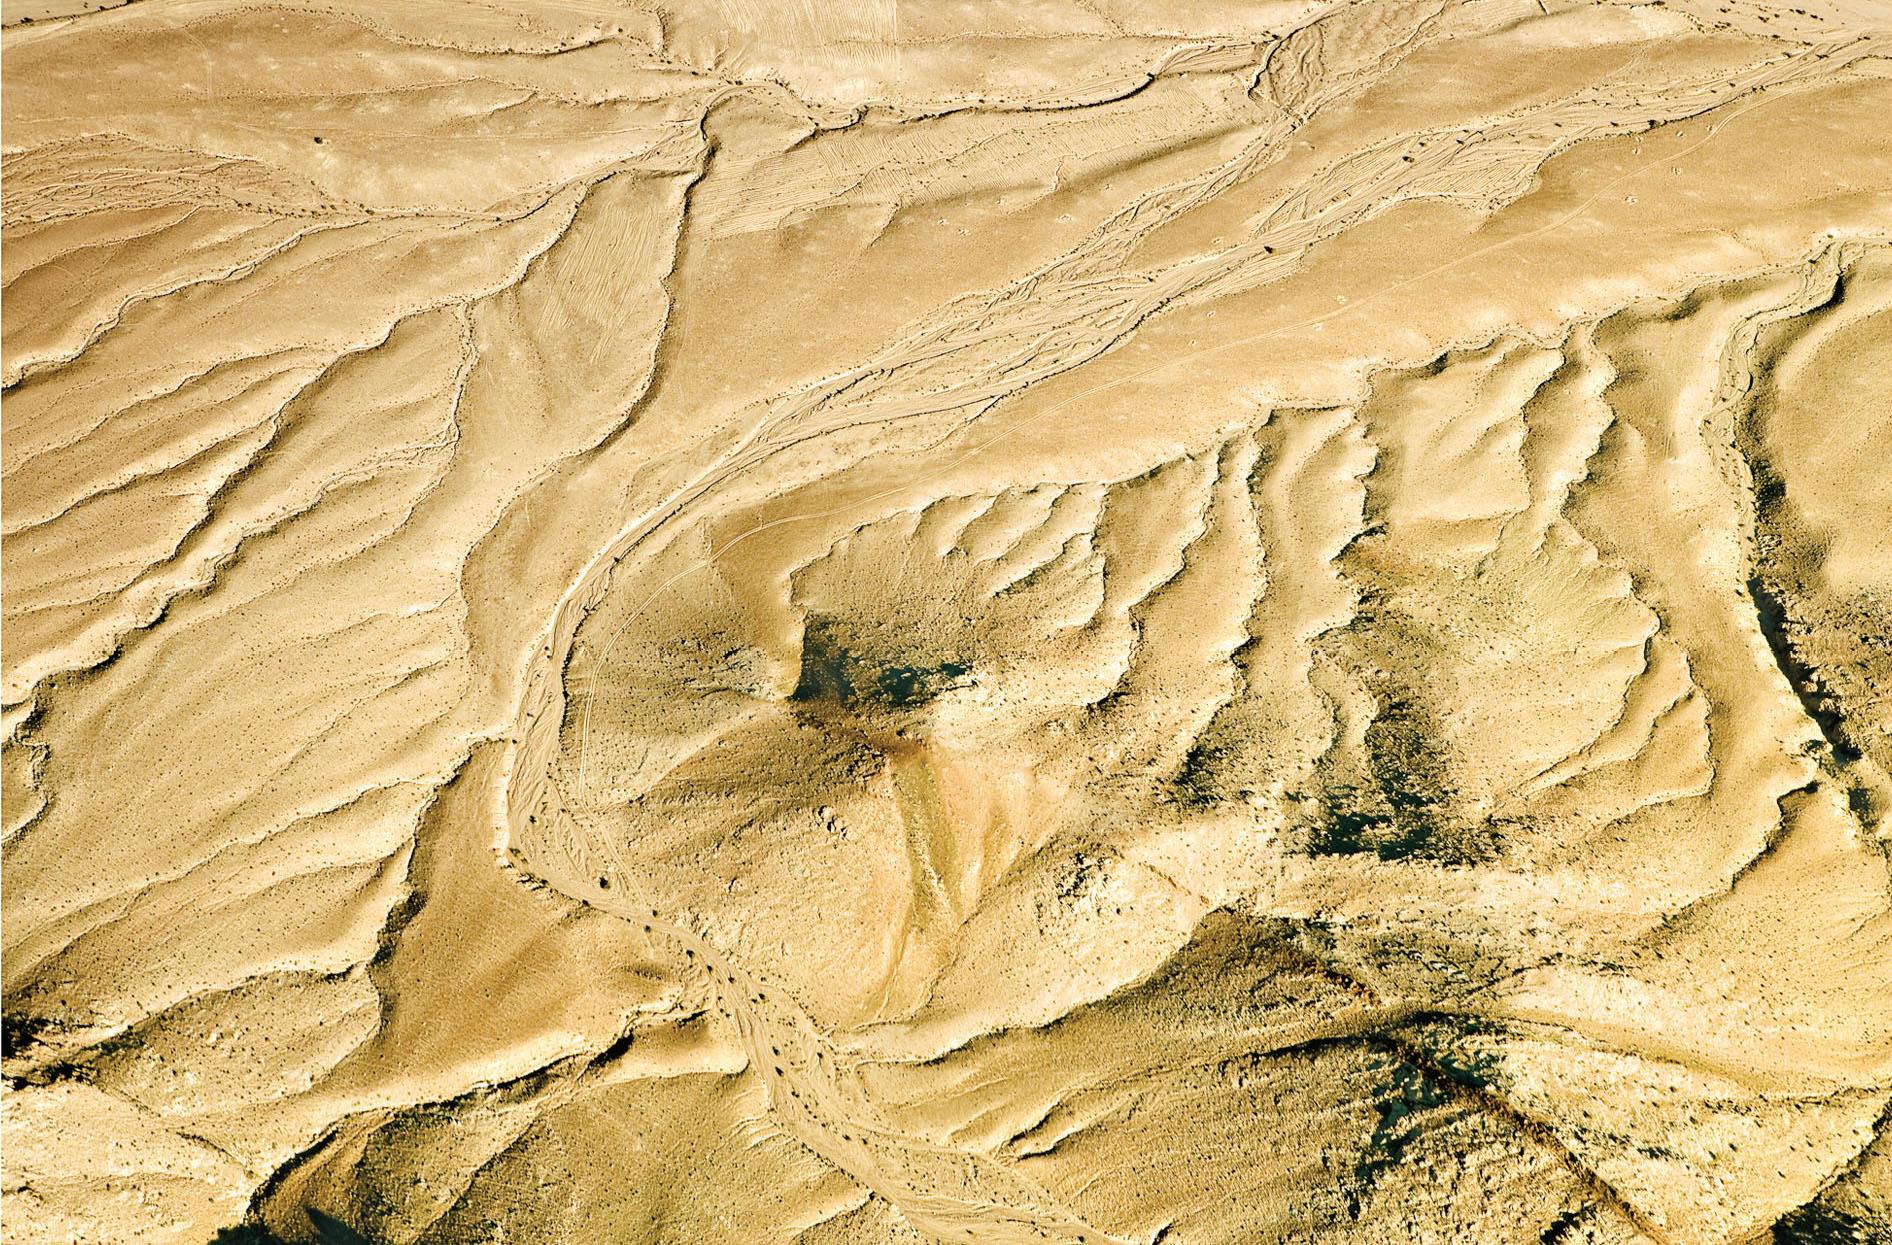 Wadi Rum #233